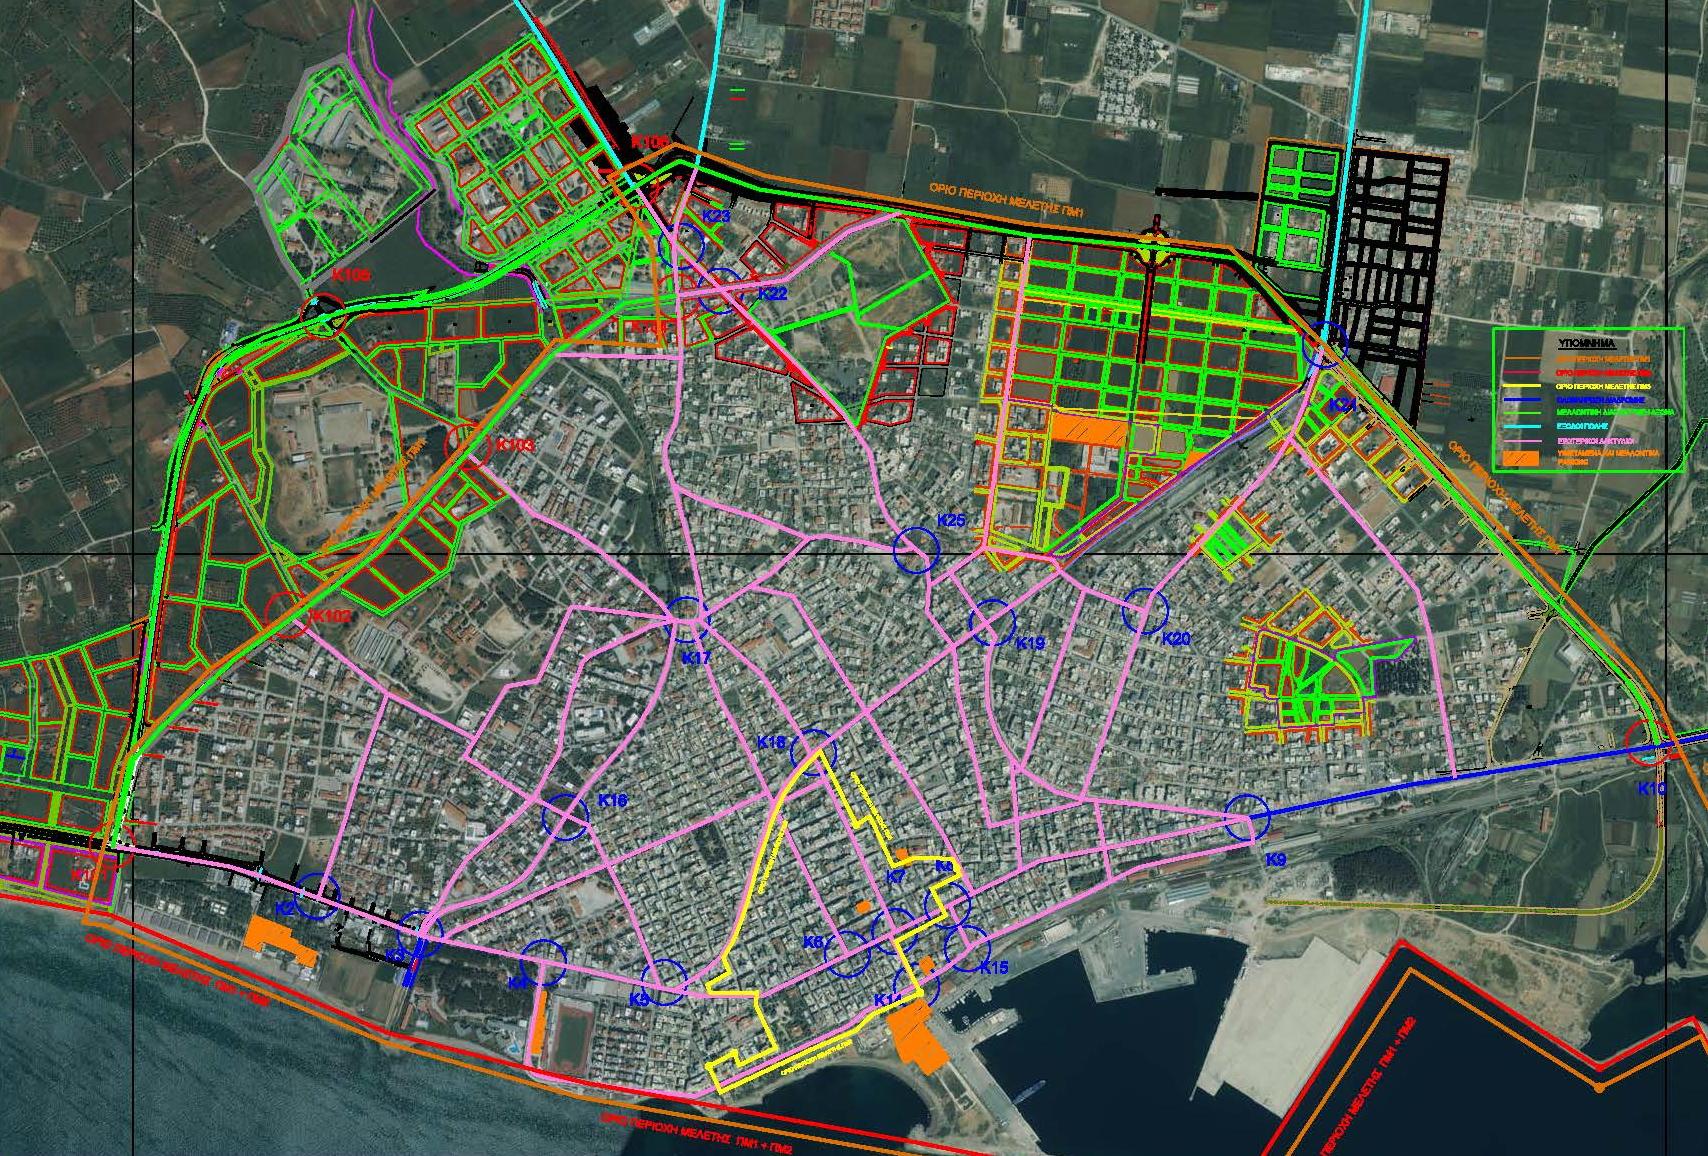 Περιοχή Ι Κυκλοφοριακής Μελέτης Δήμου Αλεξανδρούπολης